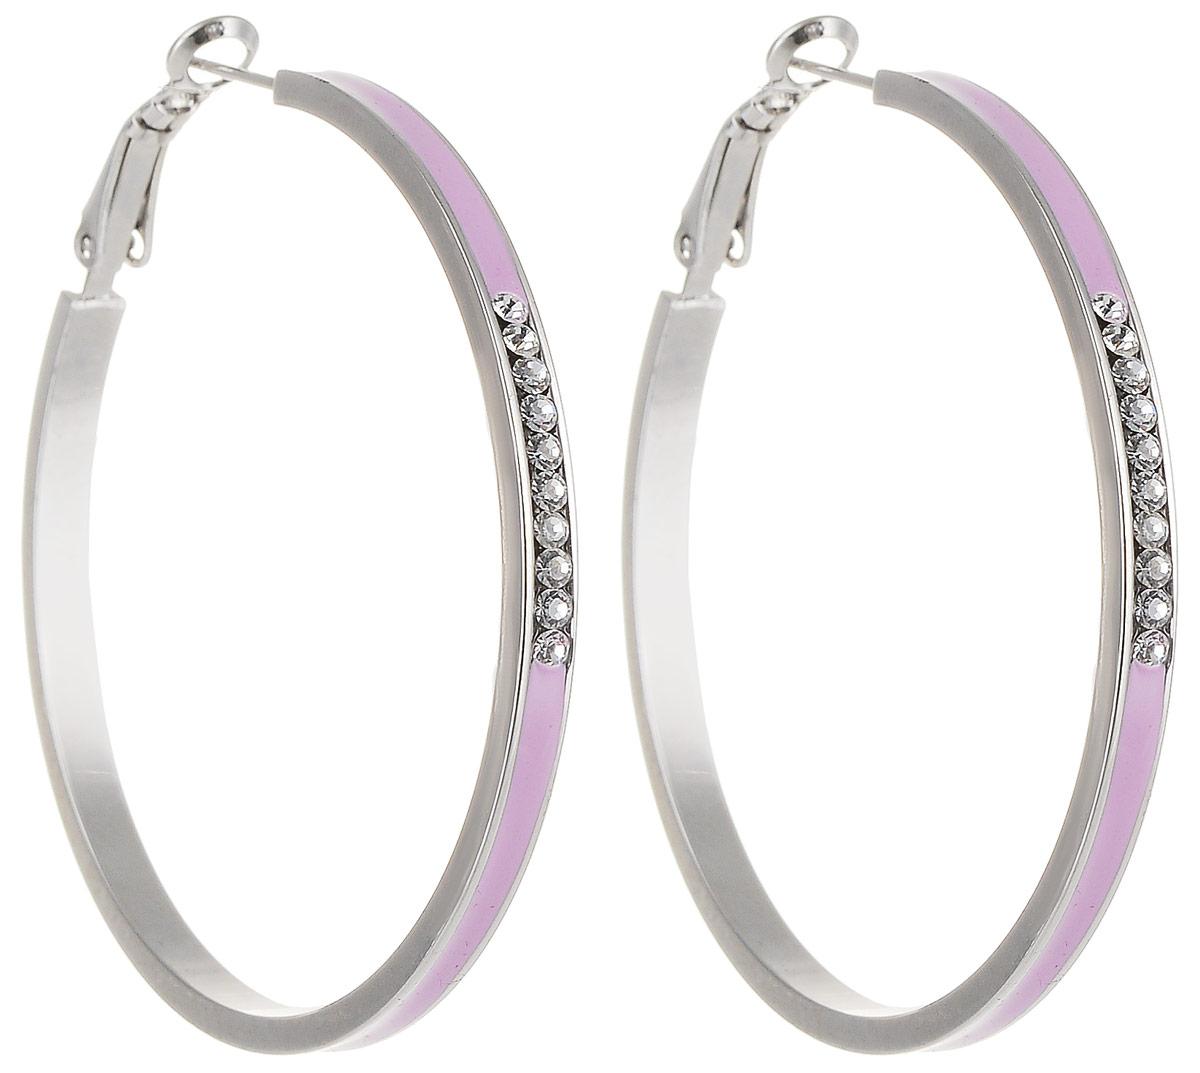 Серьги Art-Silver, цвет: розовый. 141М-641Серьги-кольцаСтильные серьги Art-Silver выполнены из бижутерного сплава. Серьги оформлены декоративными вставками. Серьги выполнены с замками-булавками. Такие серьги будут ярким дополнением вашего образа.